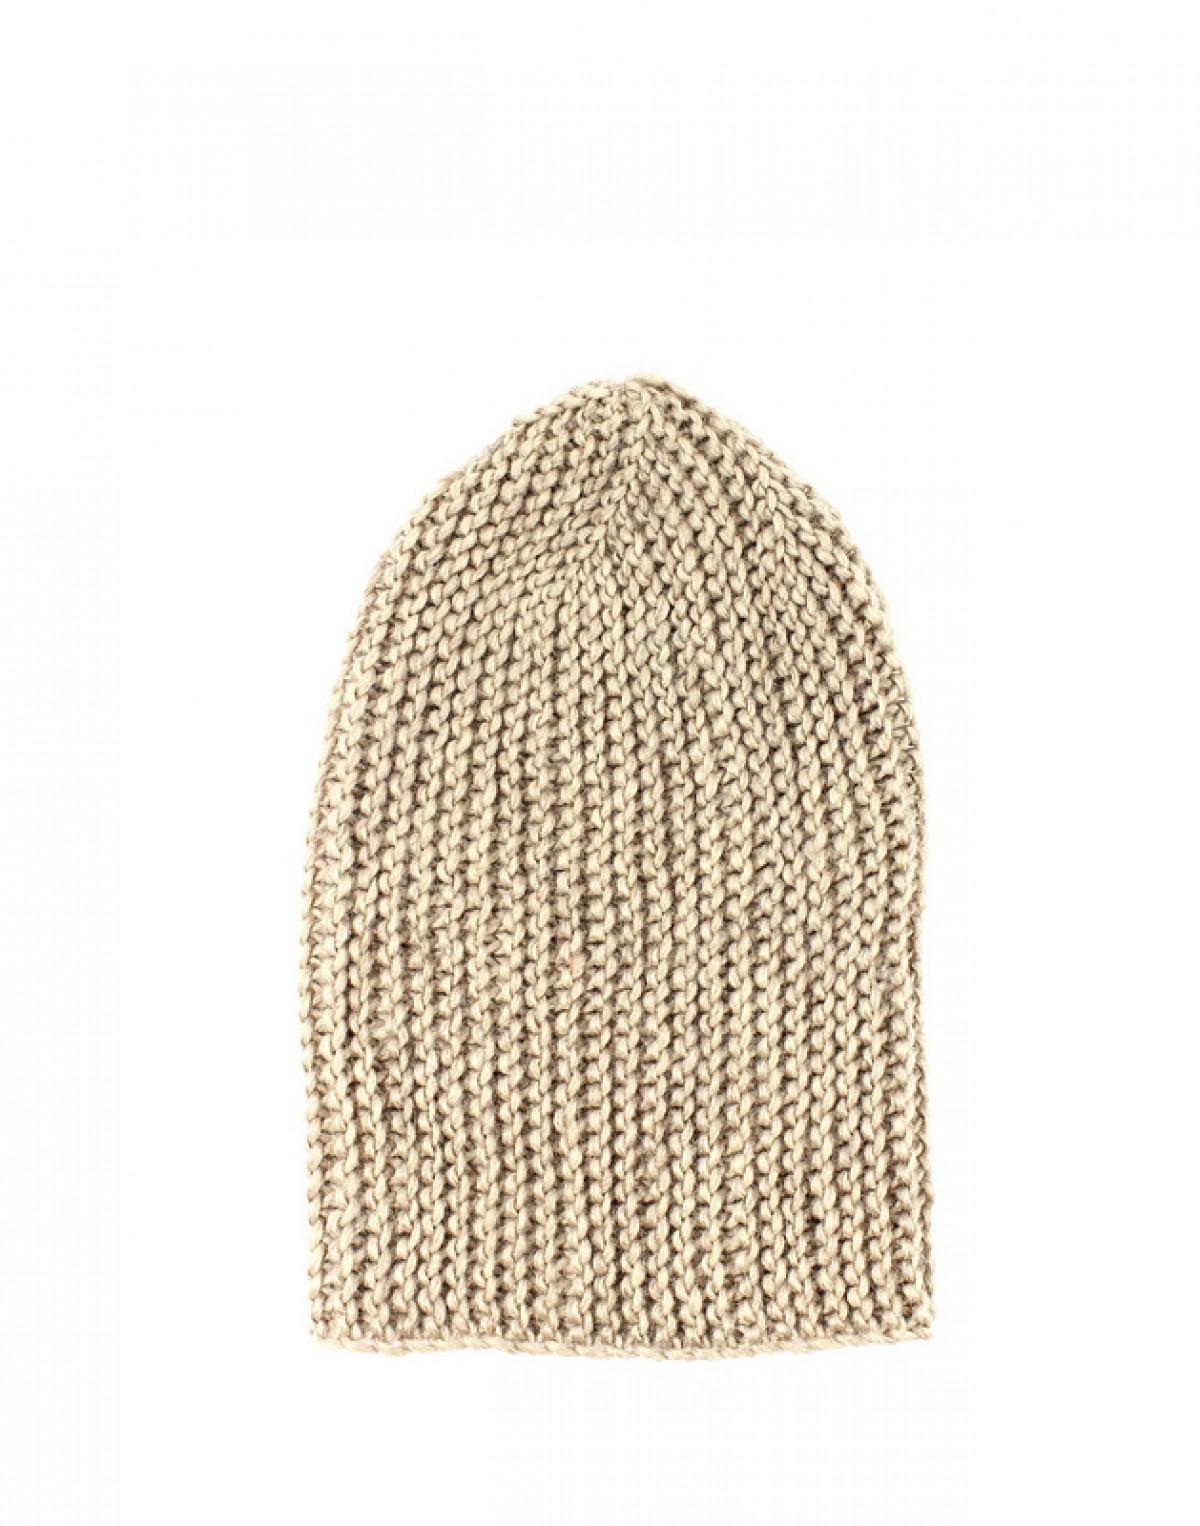 Czapka krasnal beżowa unisex zrobiona na drutach